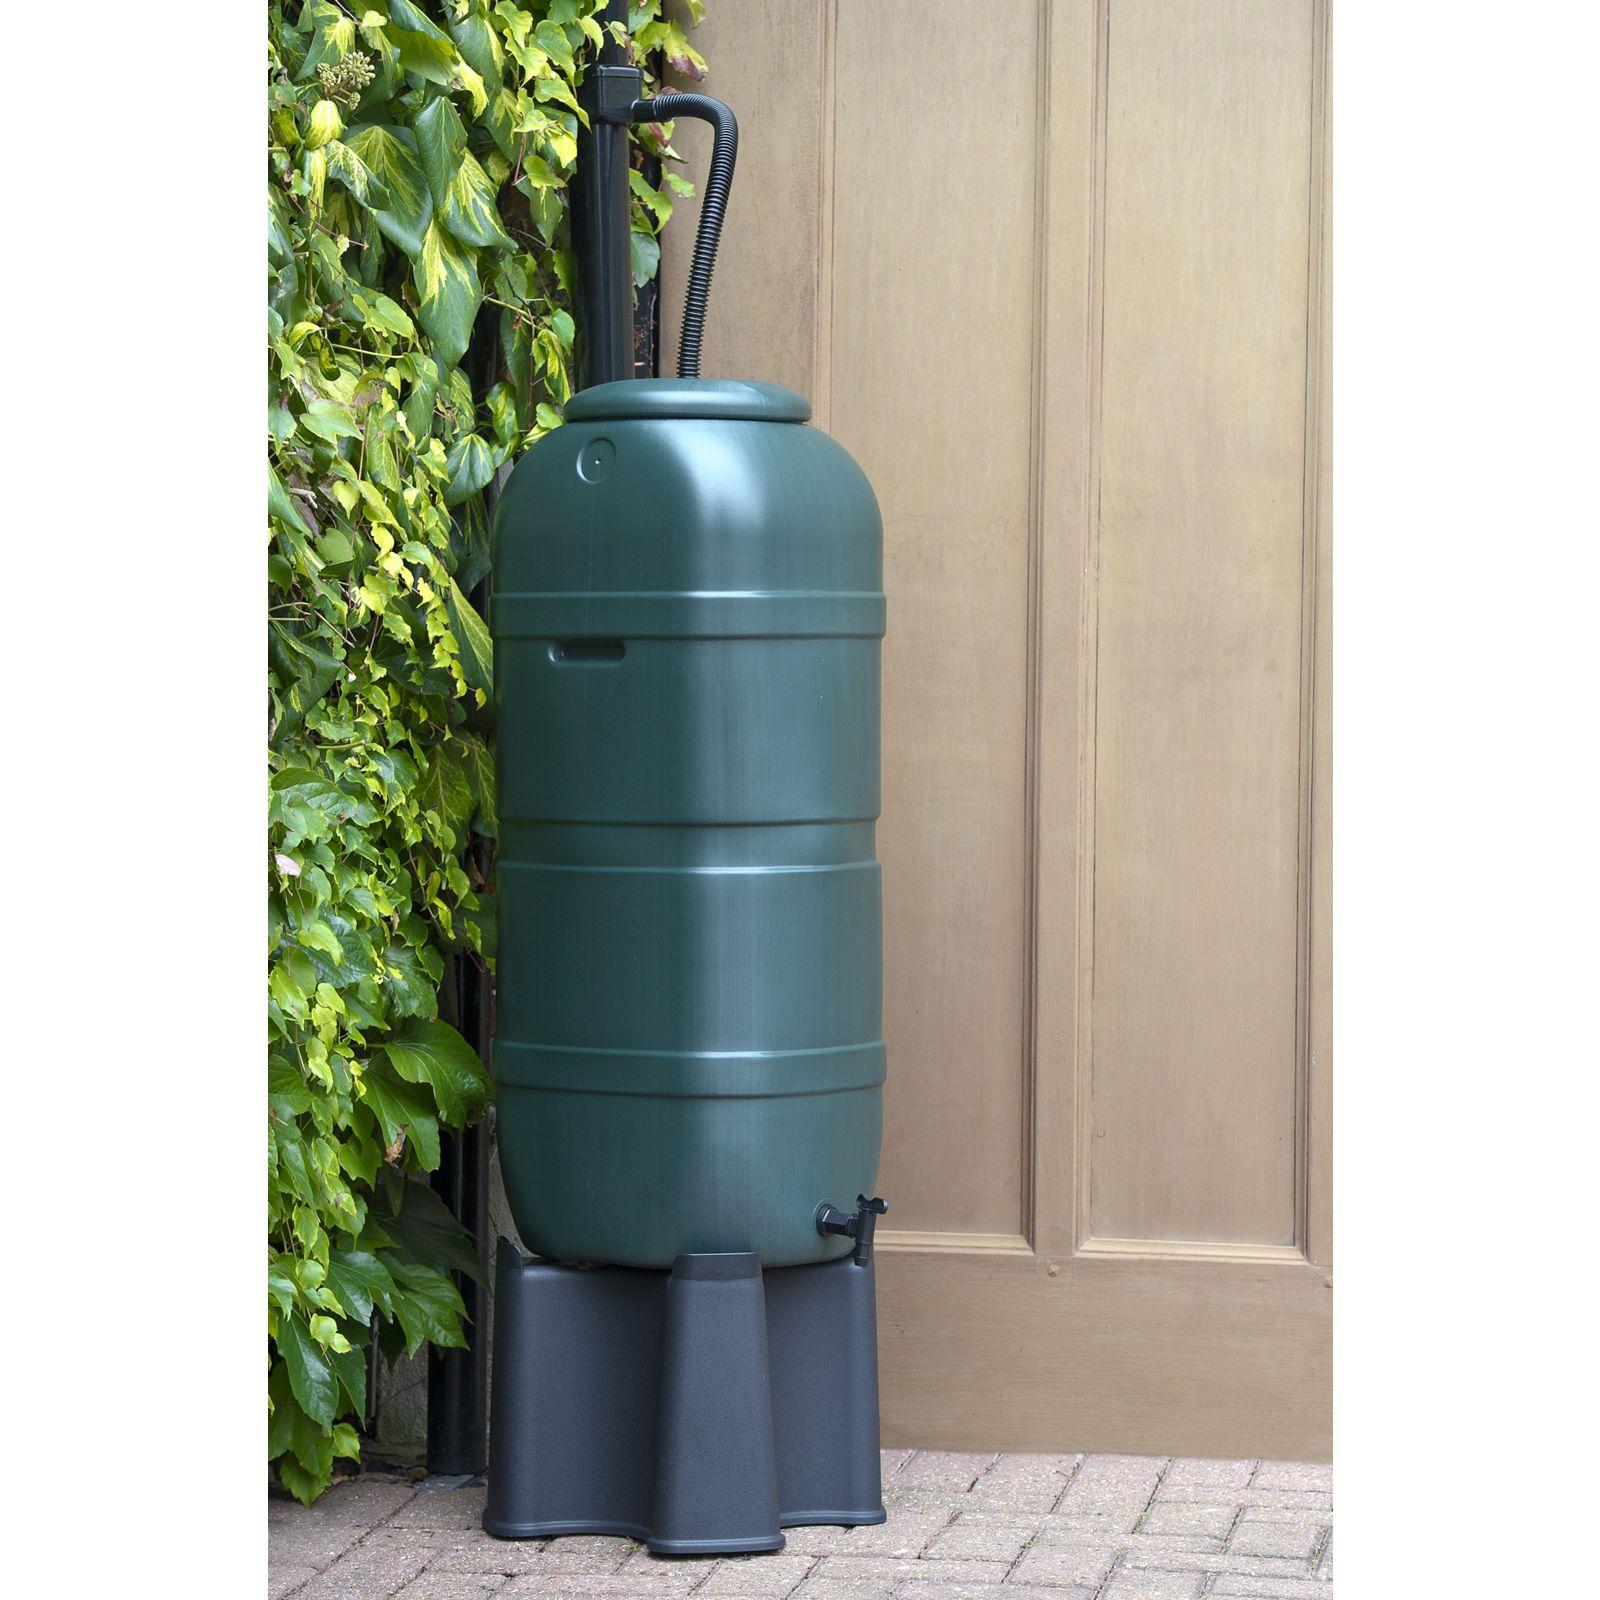 20% off Water Butts e.g. Slimline Water Butt Kit, 100L - £23.92 @ Homebase